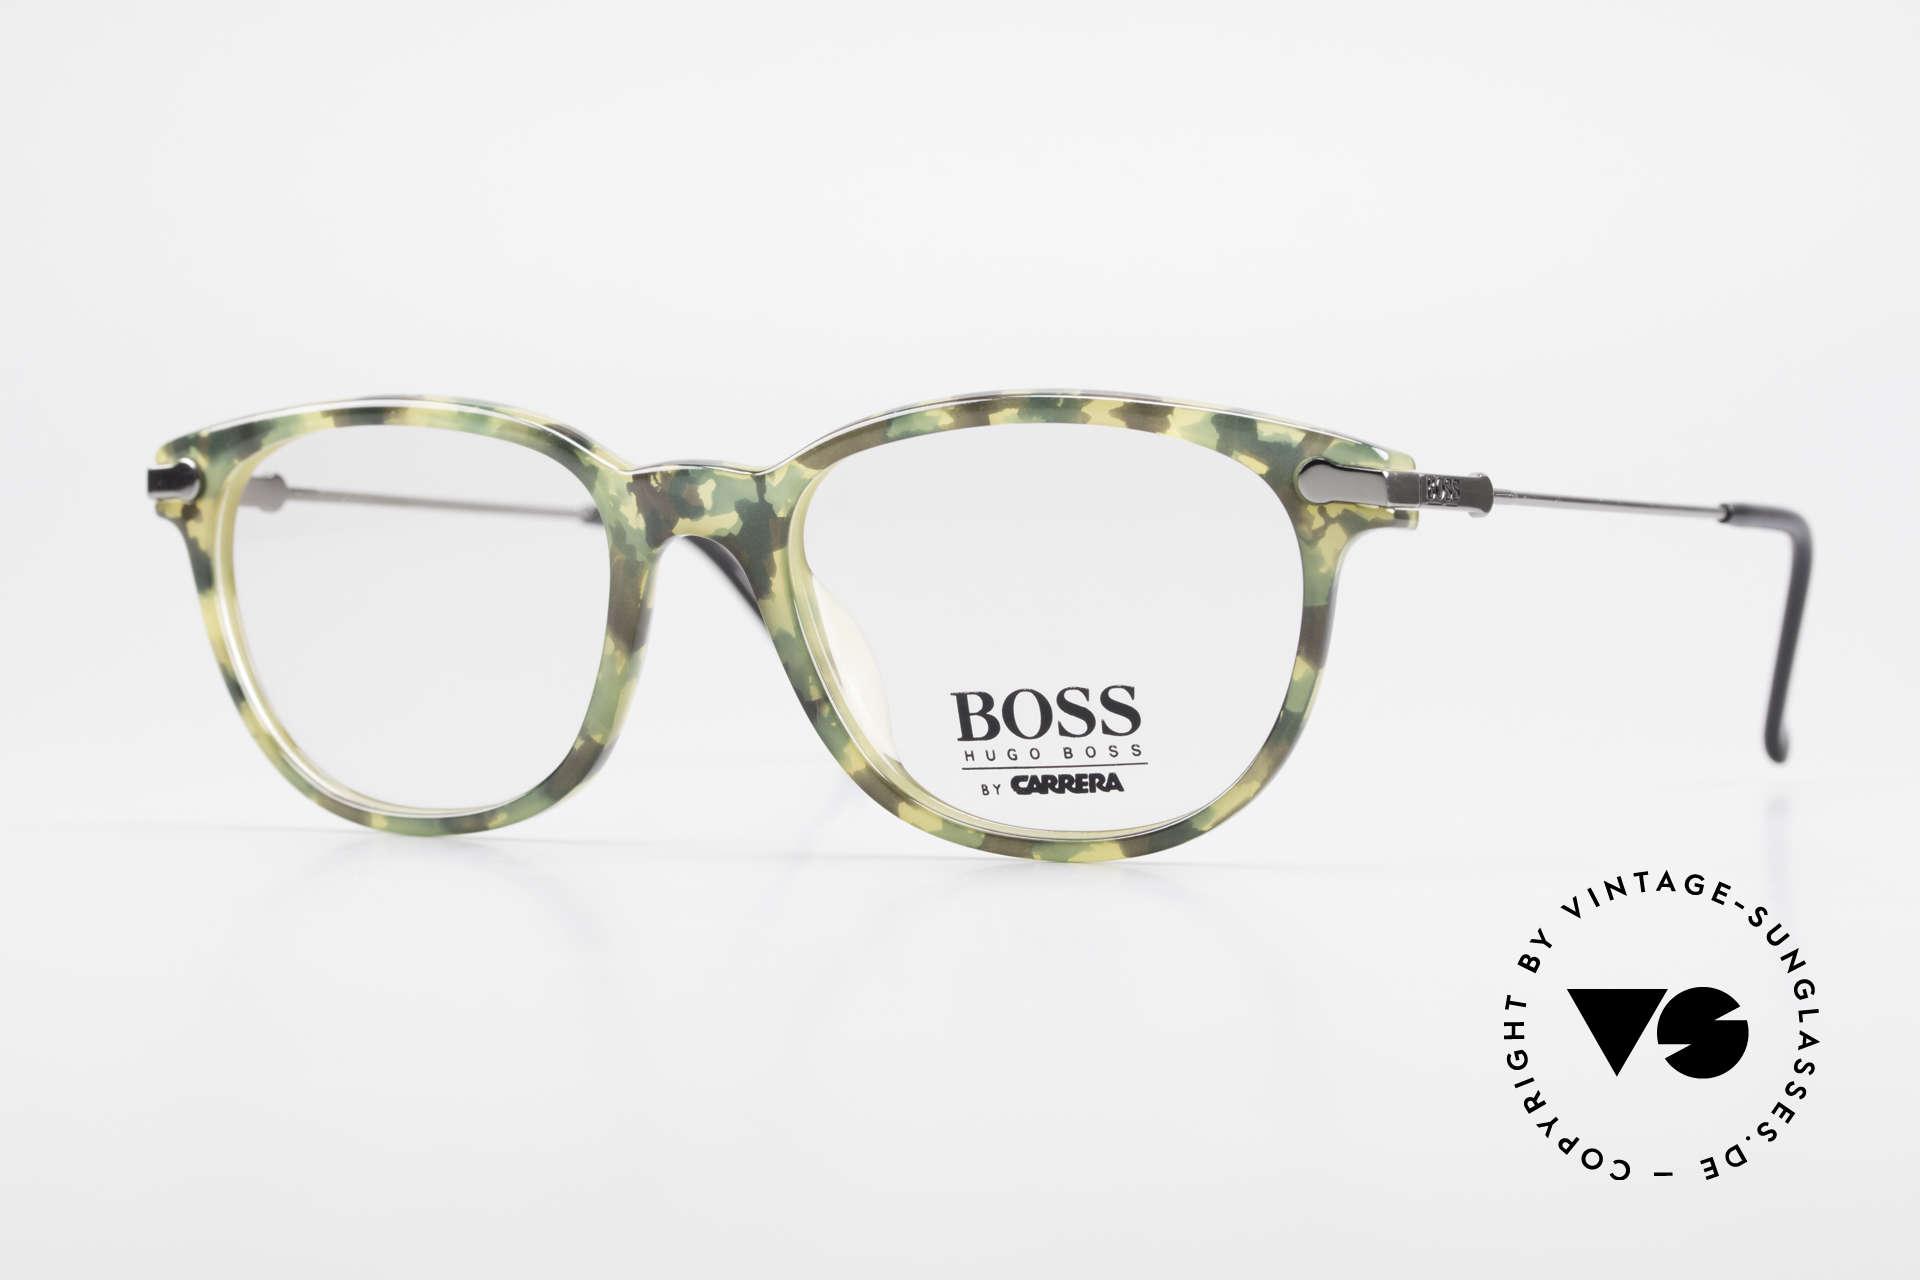 BOSS 5115 Vintage Brille In Tarnfarbe, sehr markante vintage Designer-Fassung von BOSS, Passend für Herren